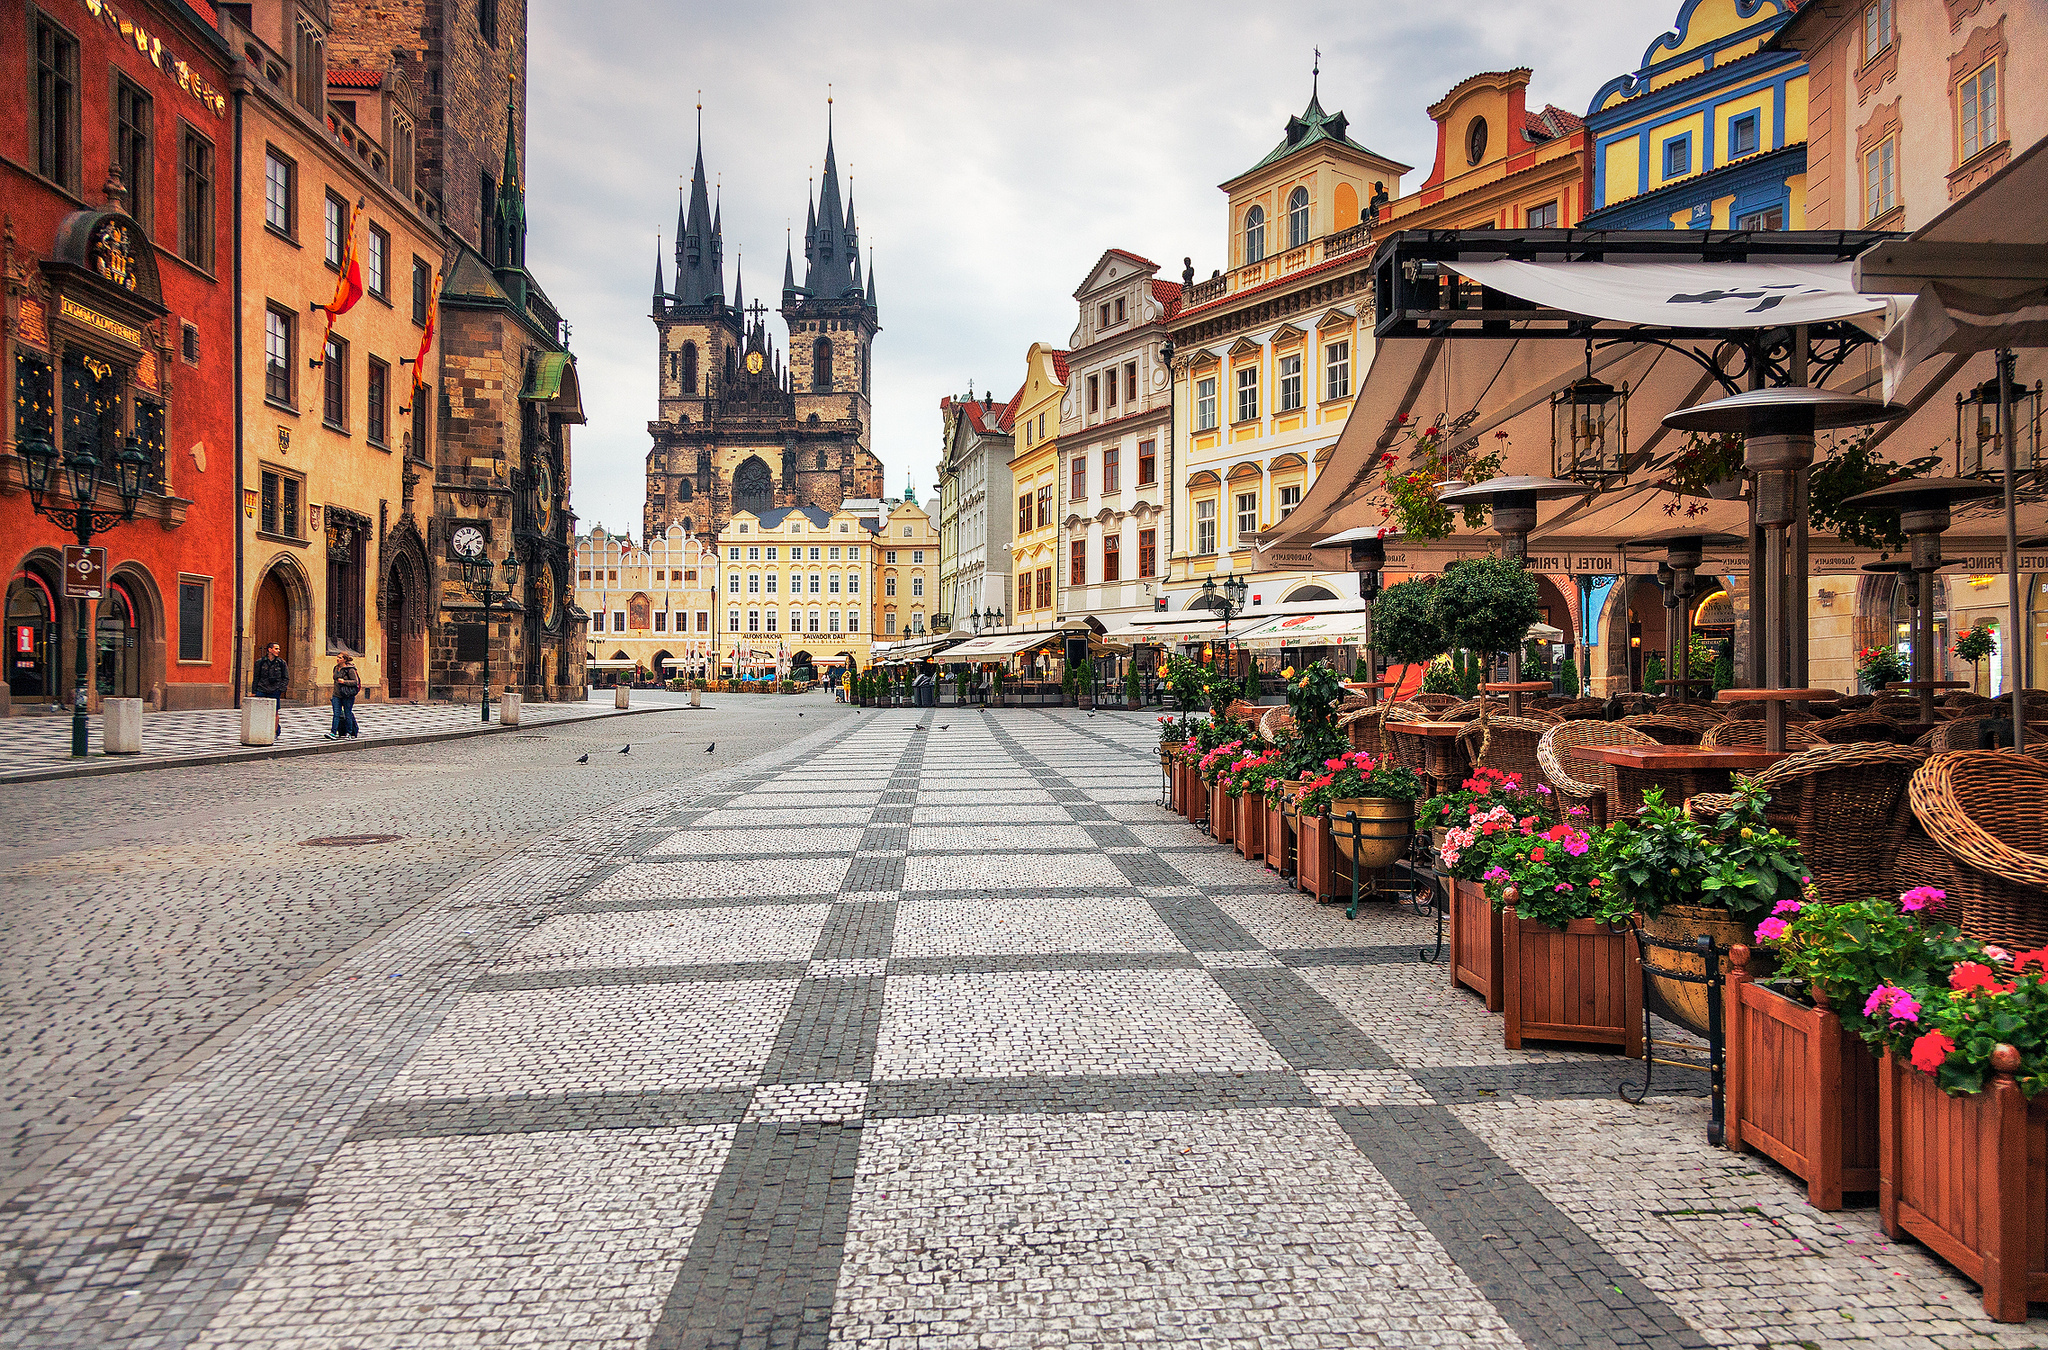 Чешские каникулы + Дрезден* , дата начала тура 29 и 30 декабря 2018, 2,3 января, 24 марта, 6 и 27 апреля, 1 мая,